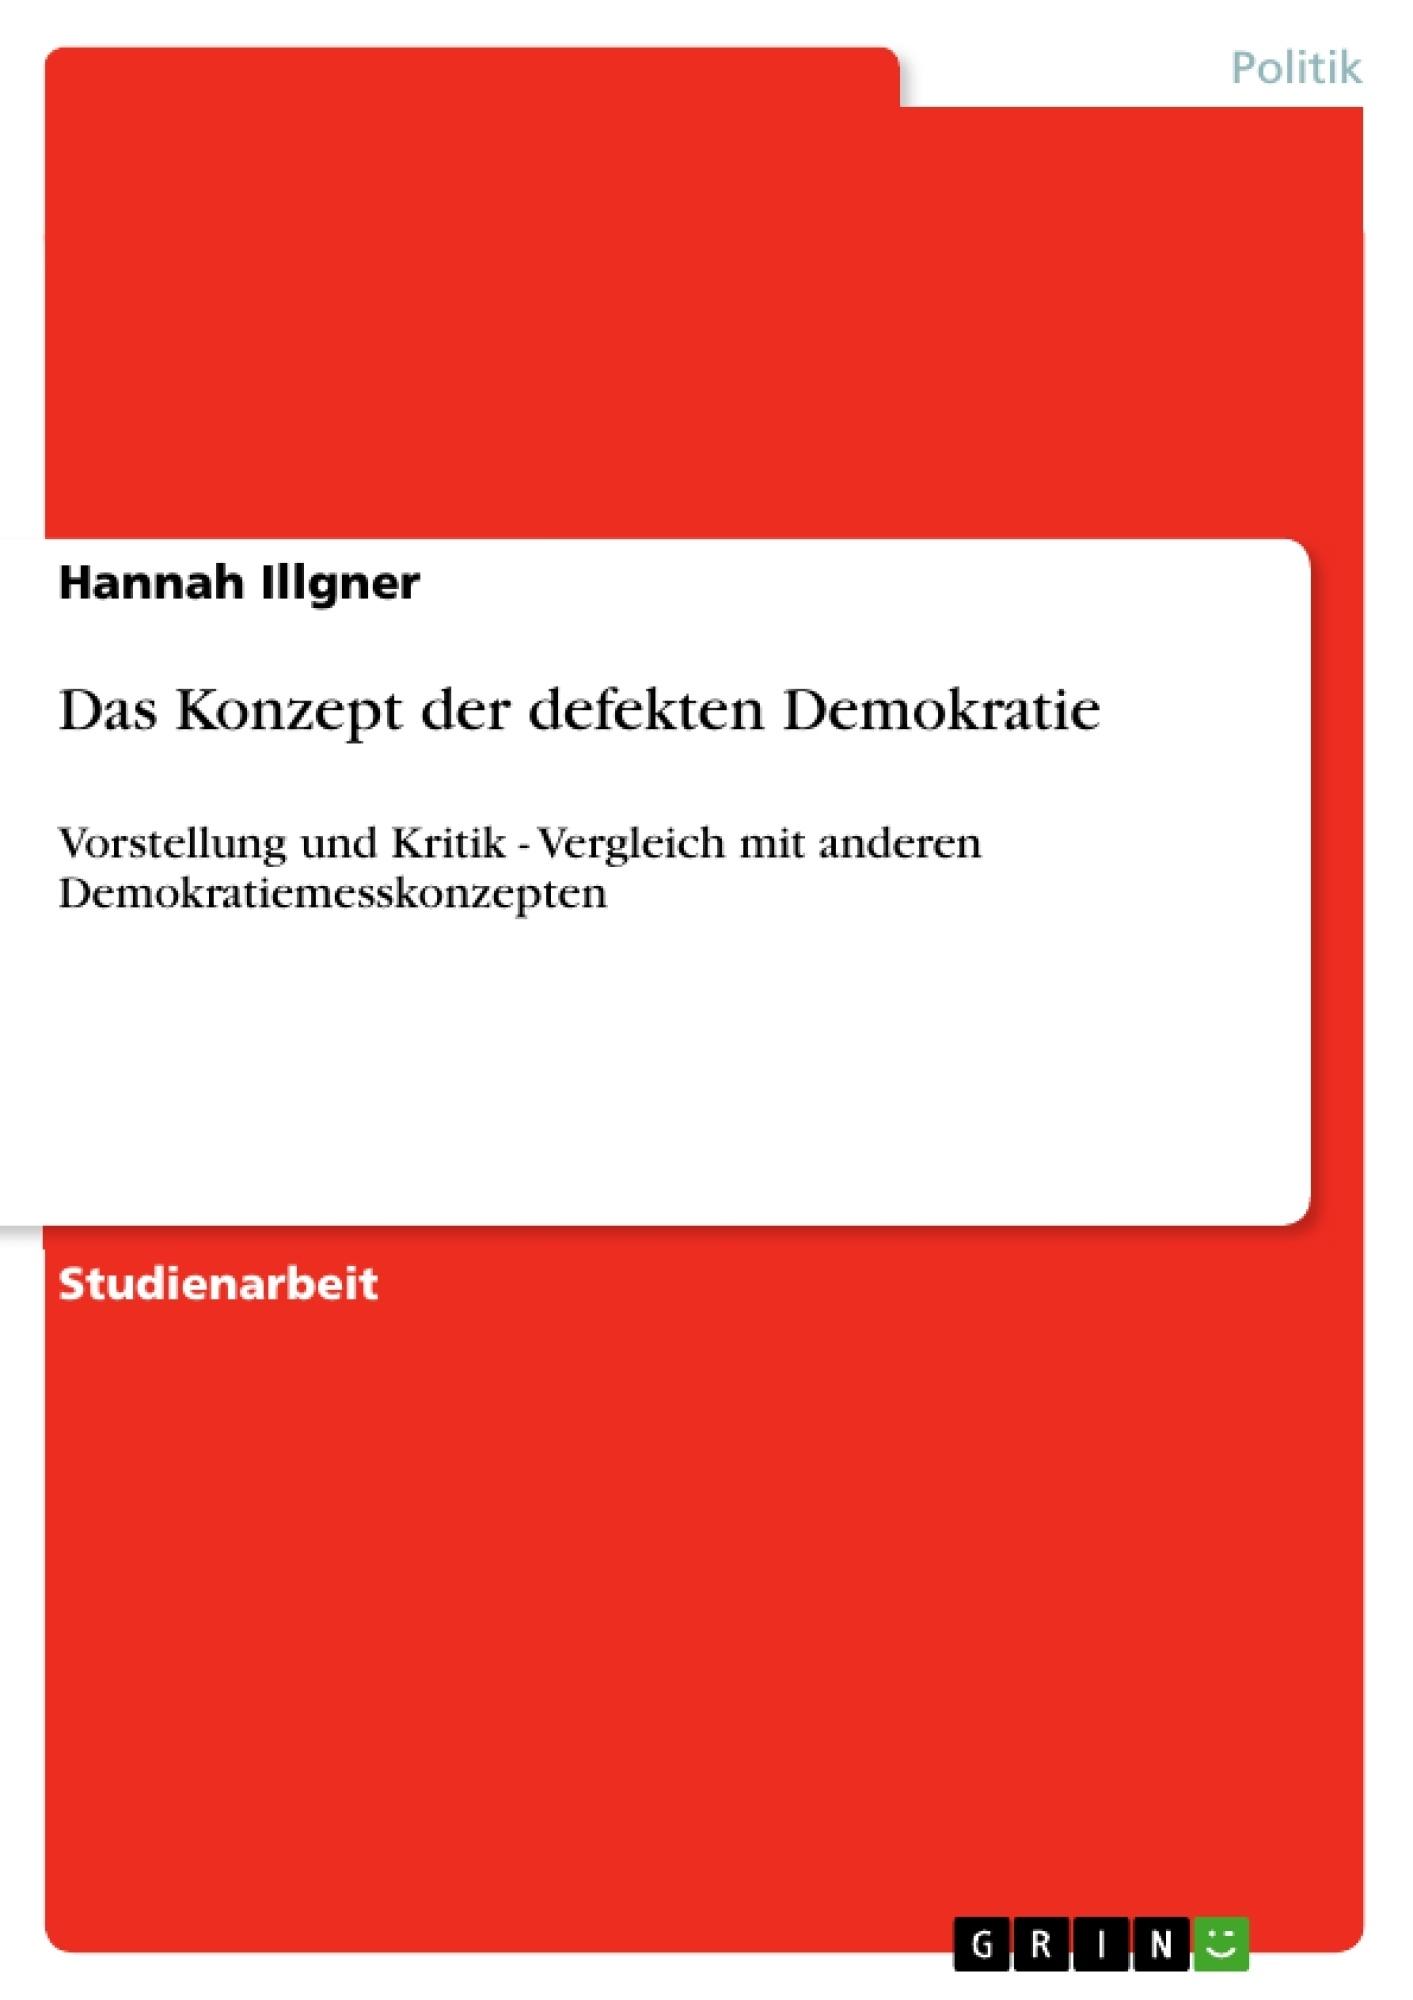 Titel: Das Konzept der defekten Demokratie